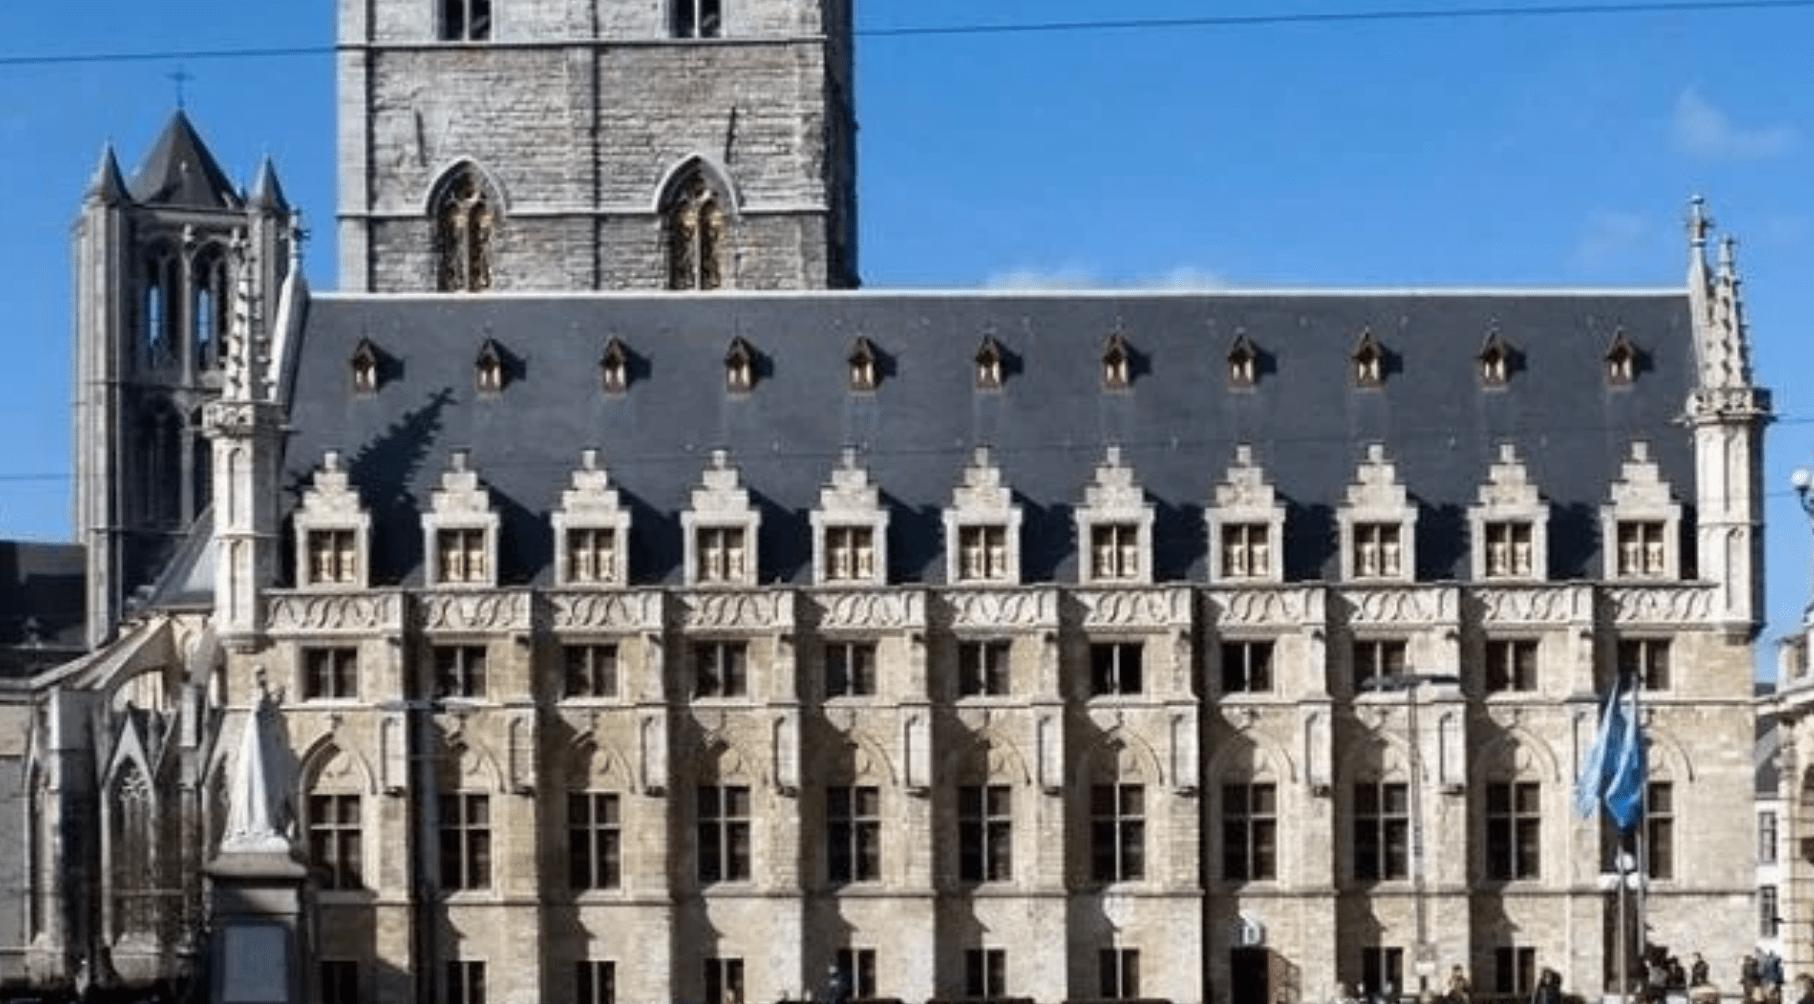 哥特式建筑特点(简述哥特式建筑的三个特点)